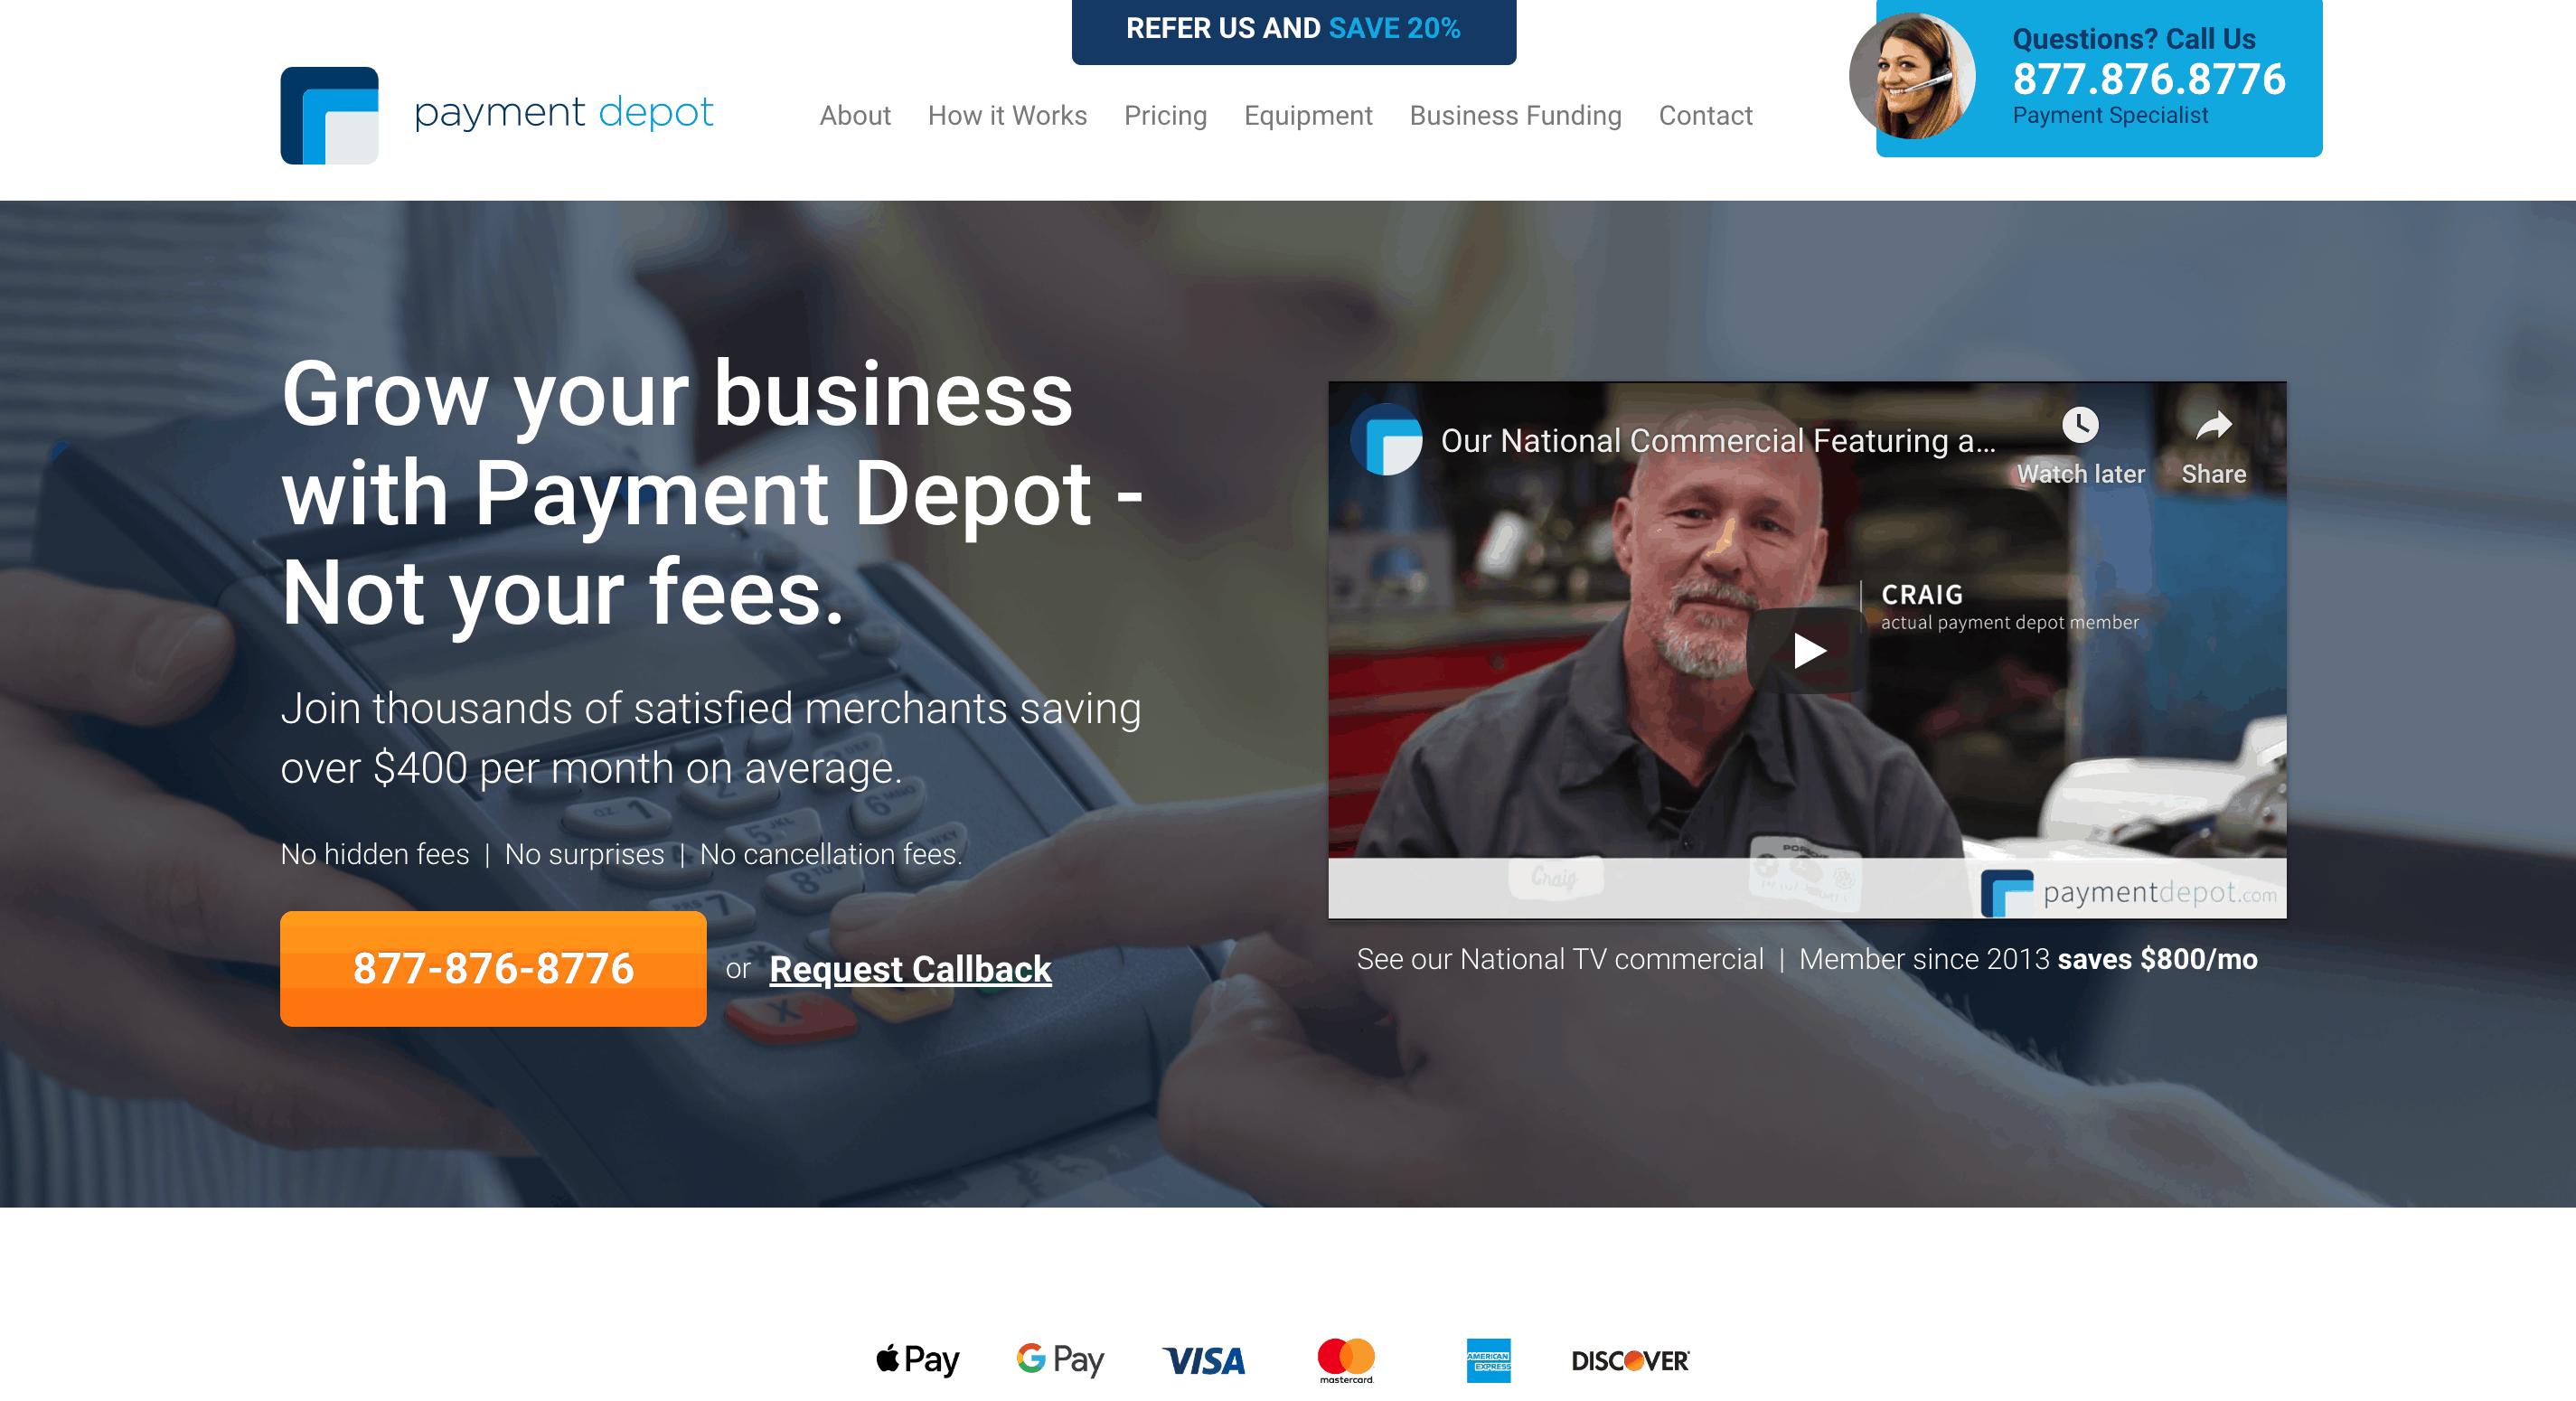 payment depot homepage screenshot